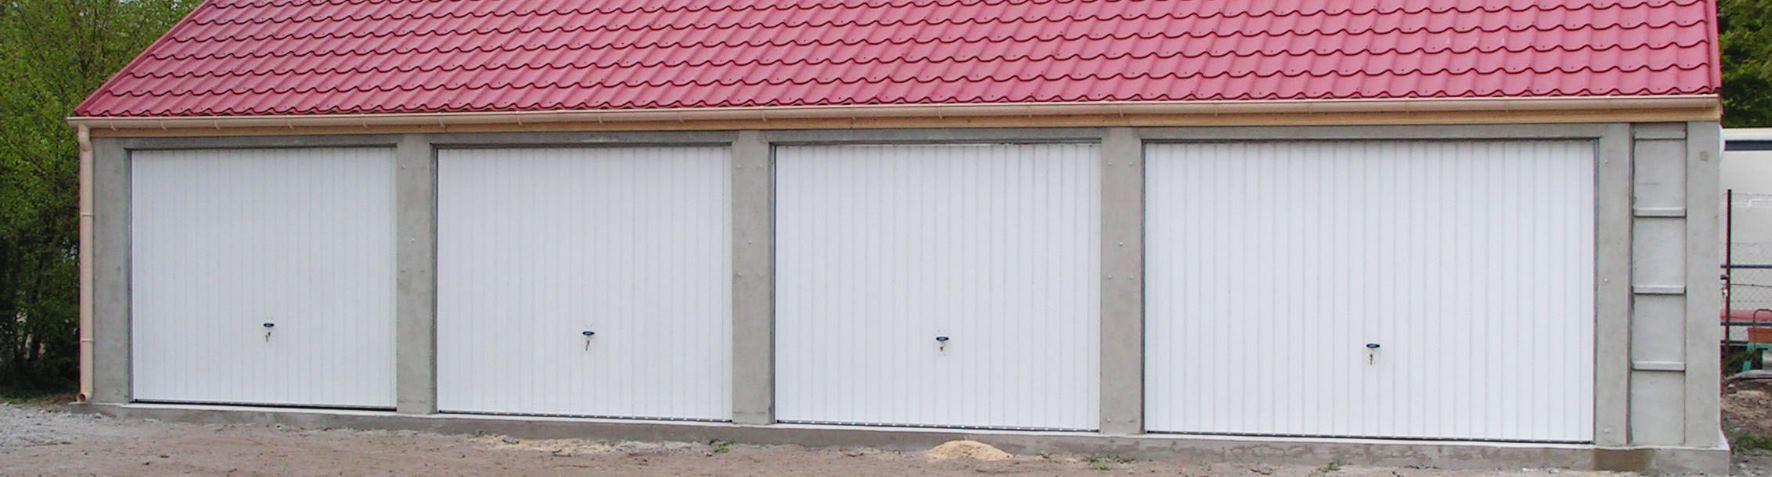 Garage/Carport Garage